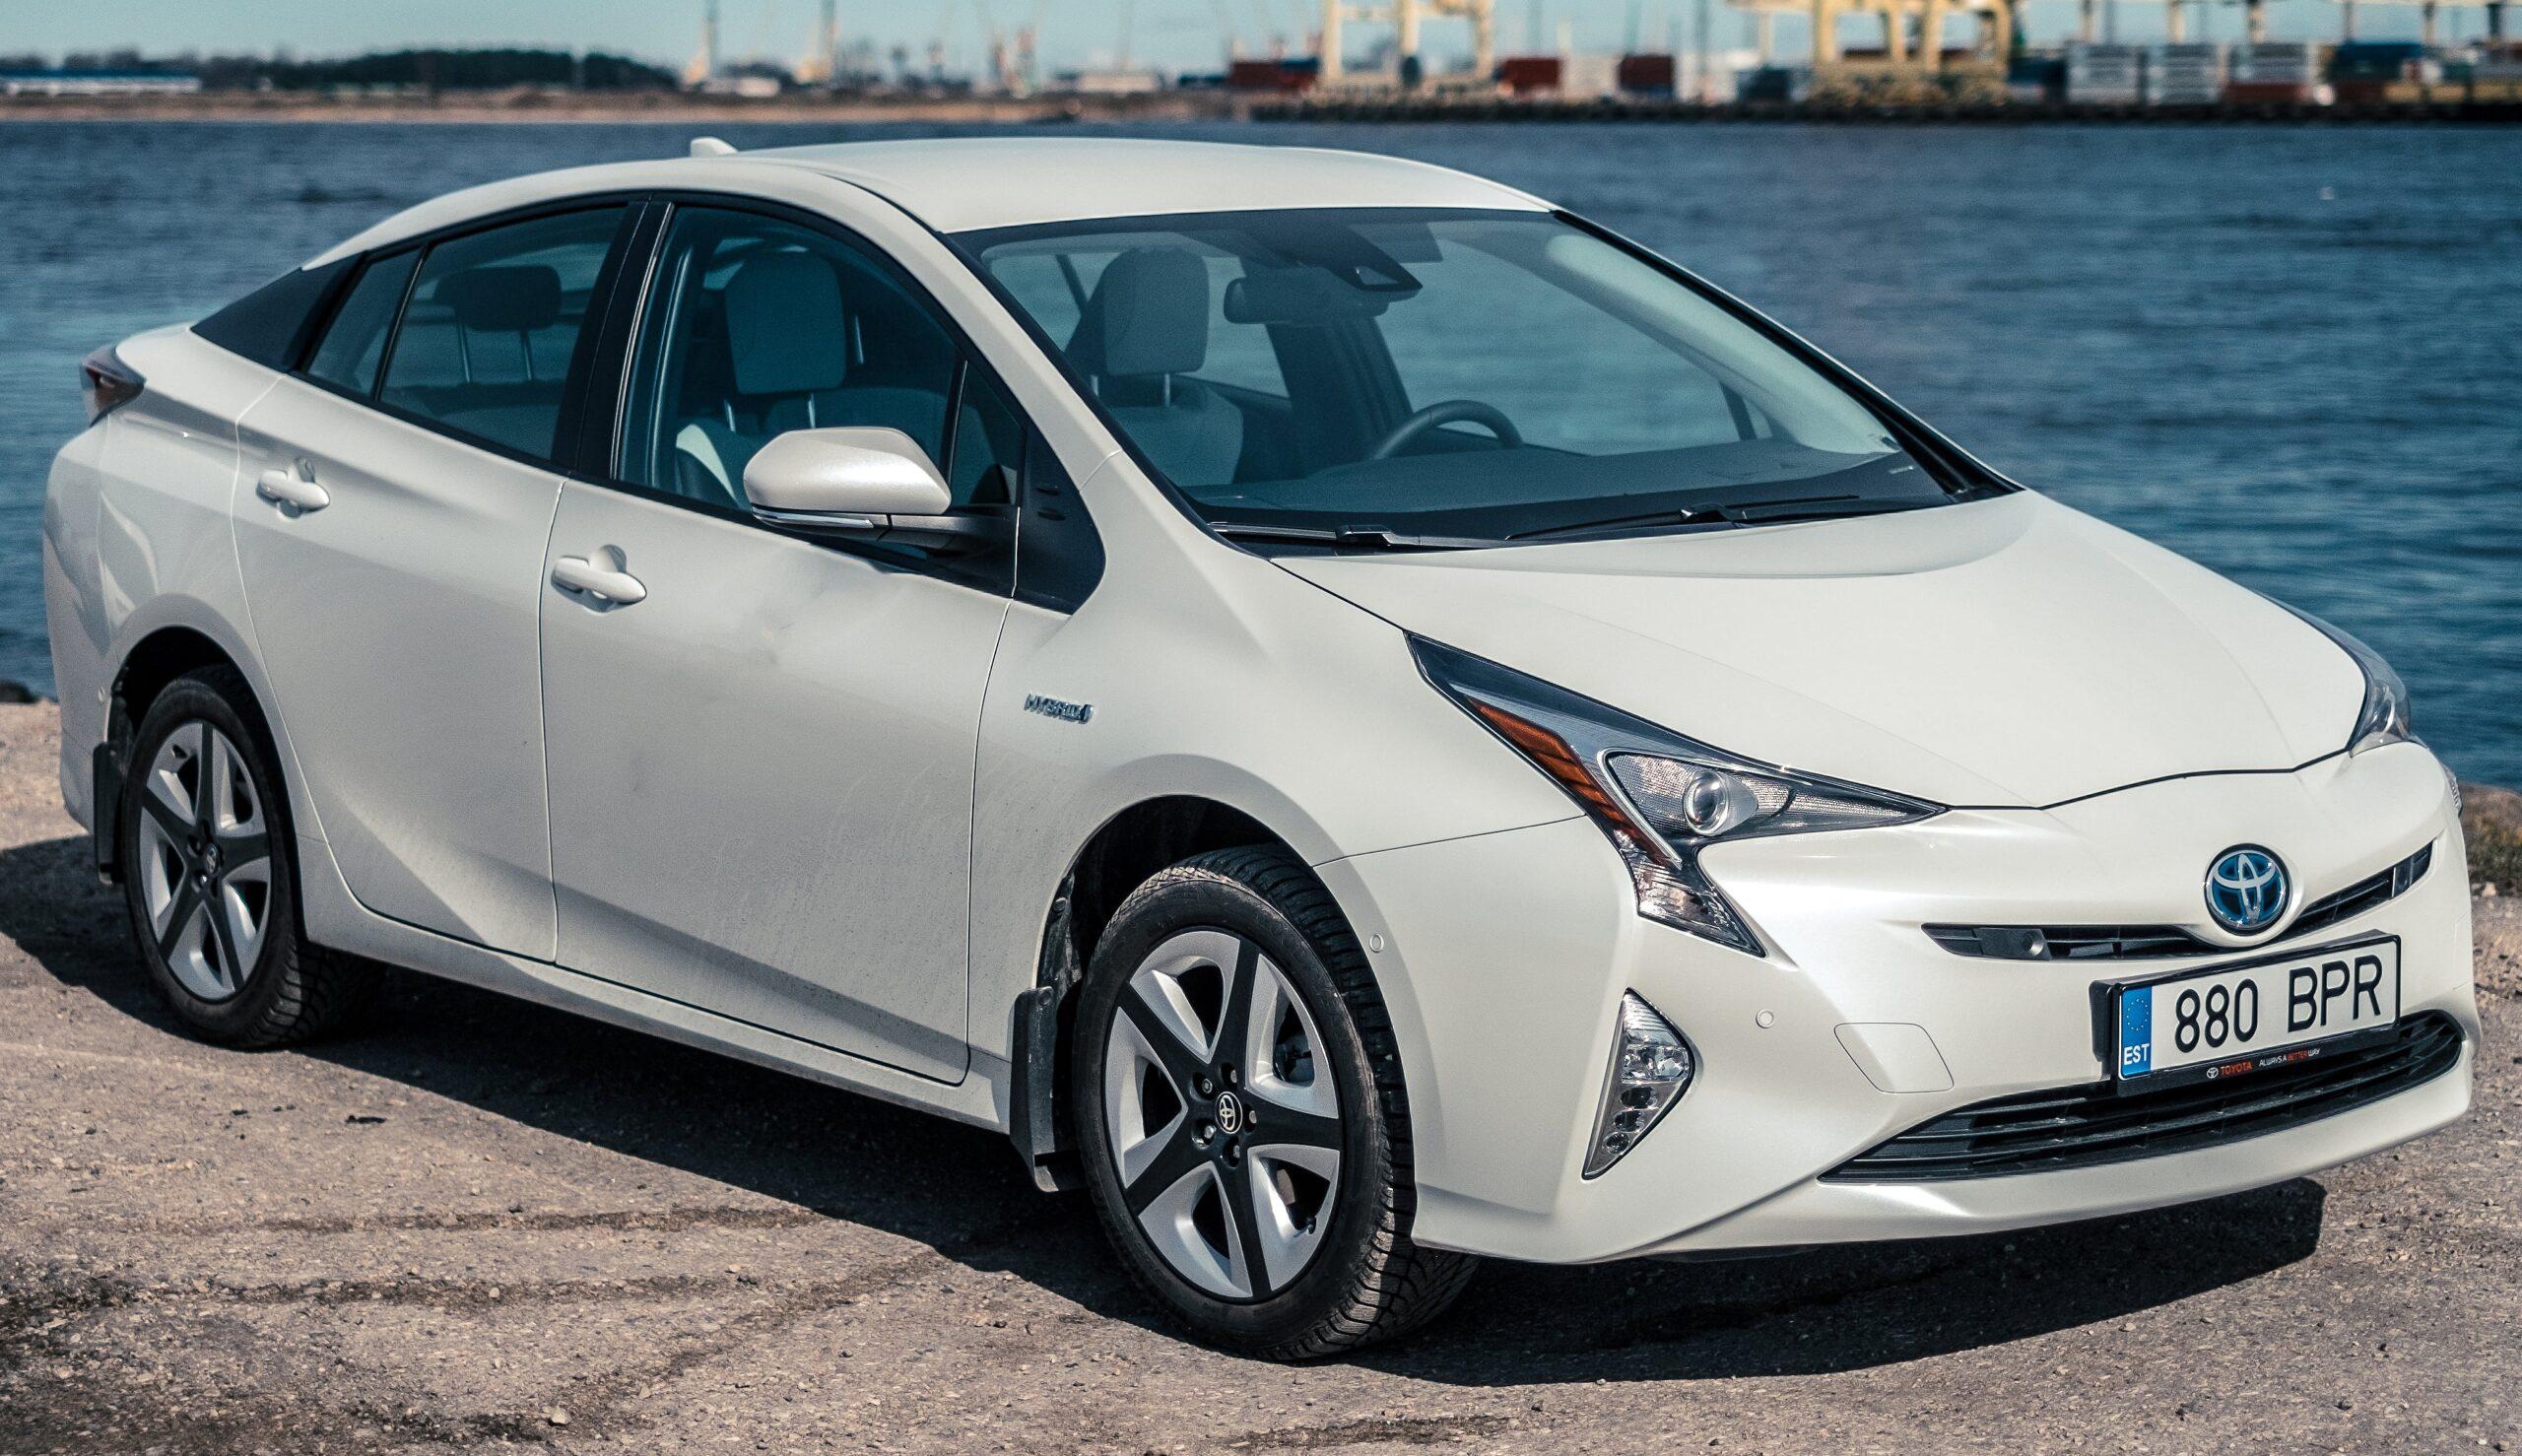 Argentina impulsa la importación de vehículos eléctricos